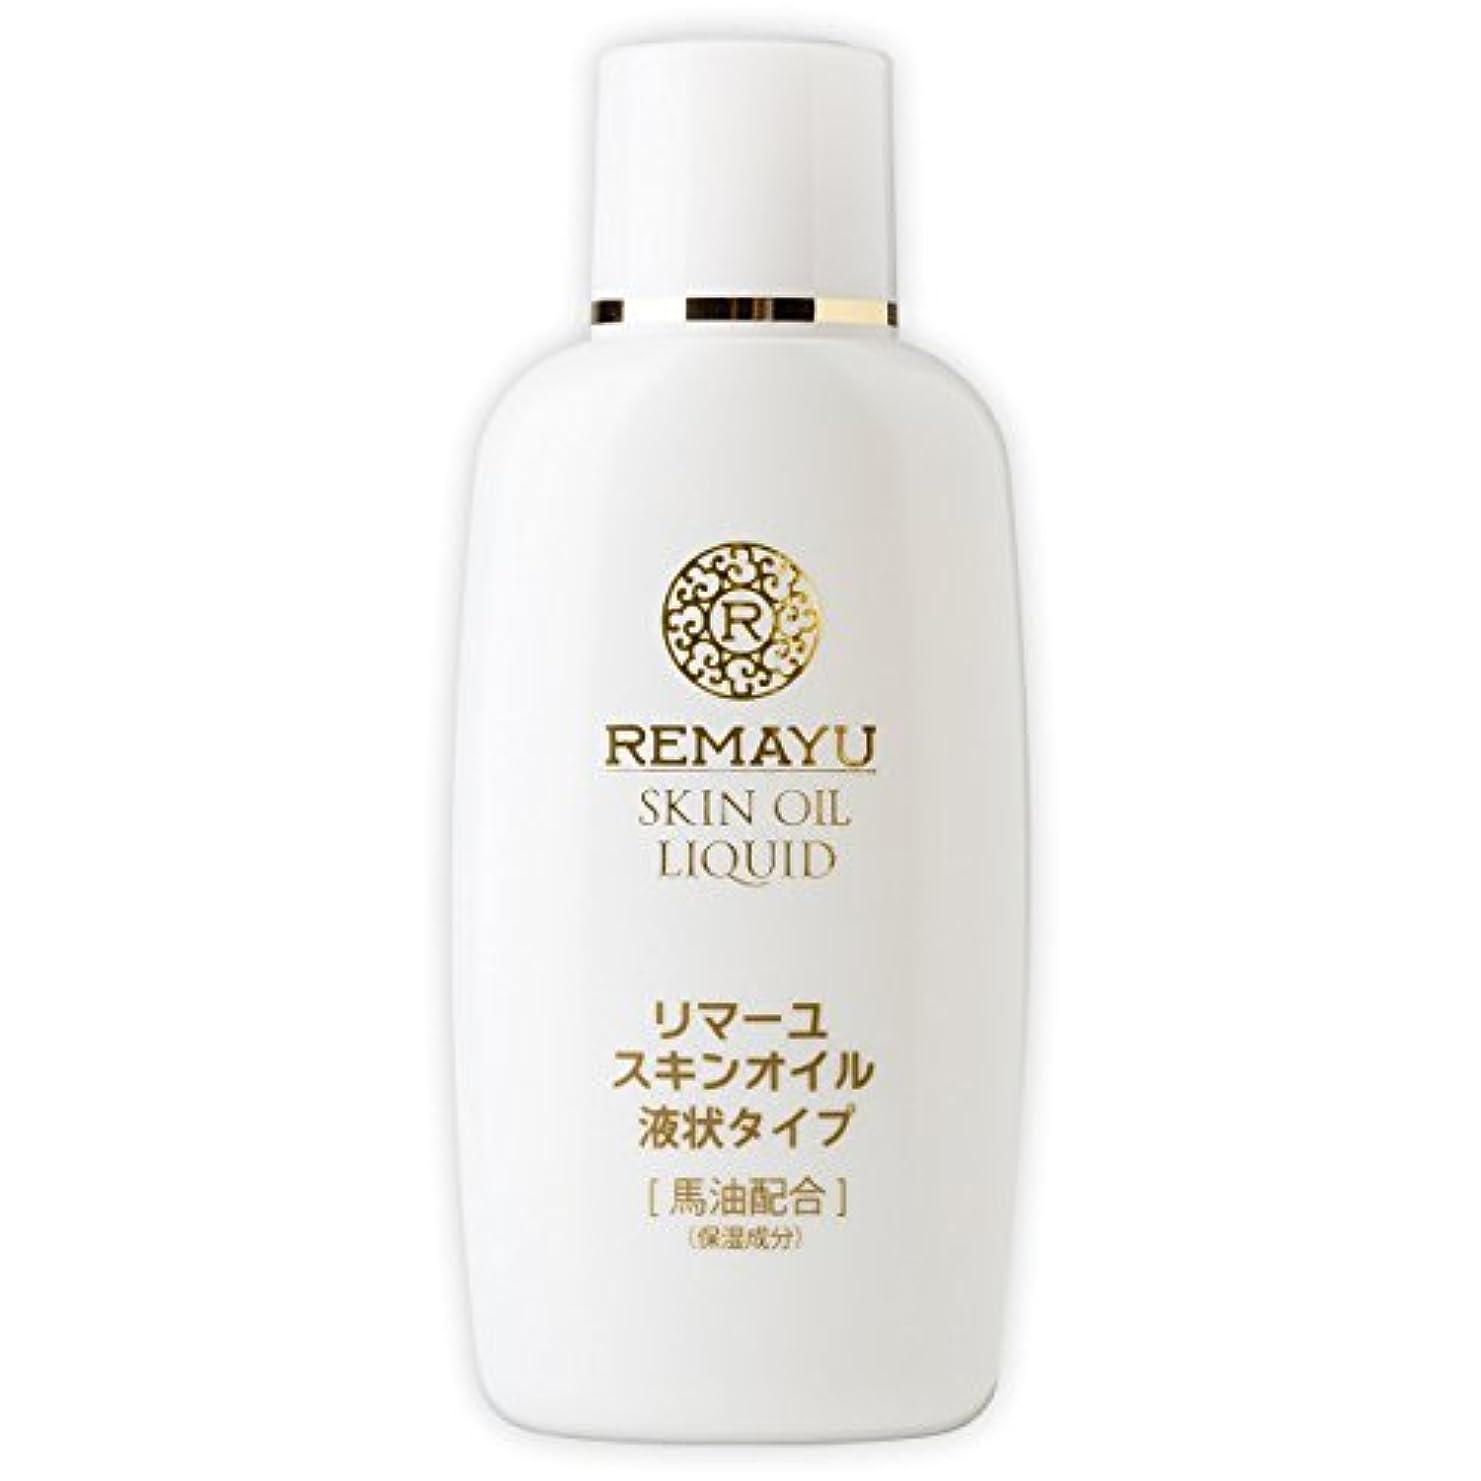 リマーユ オイル液状 60ml リバテープ製薬 公式 日本製 馬油 アルガンオイル スクワラン 五葉松オイル 乾燥 顔 フェイス 全身 髪